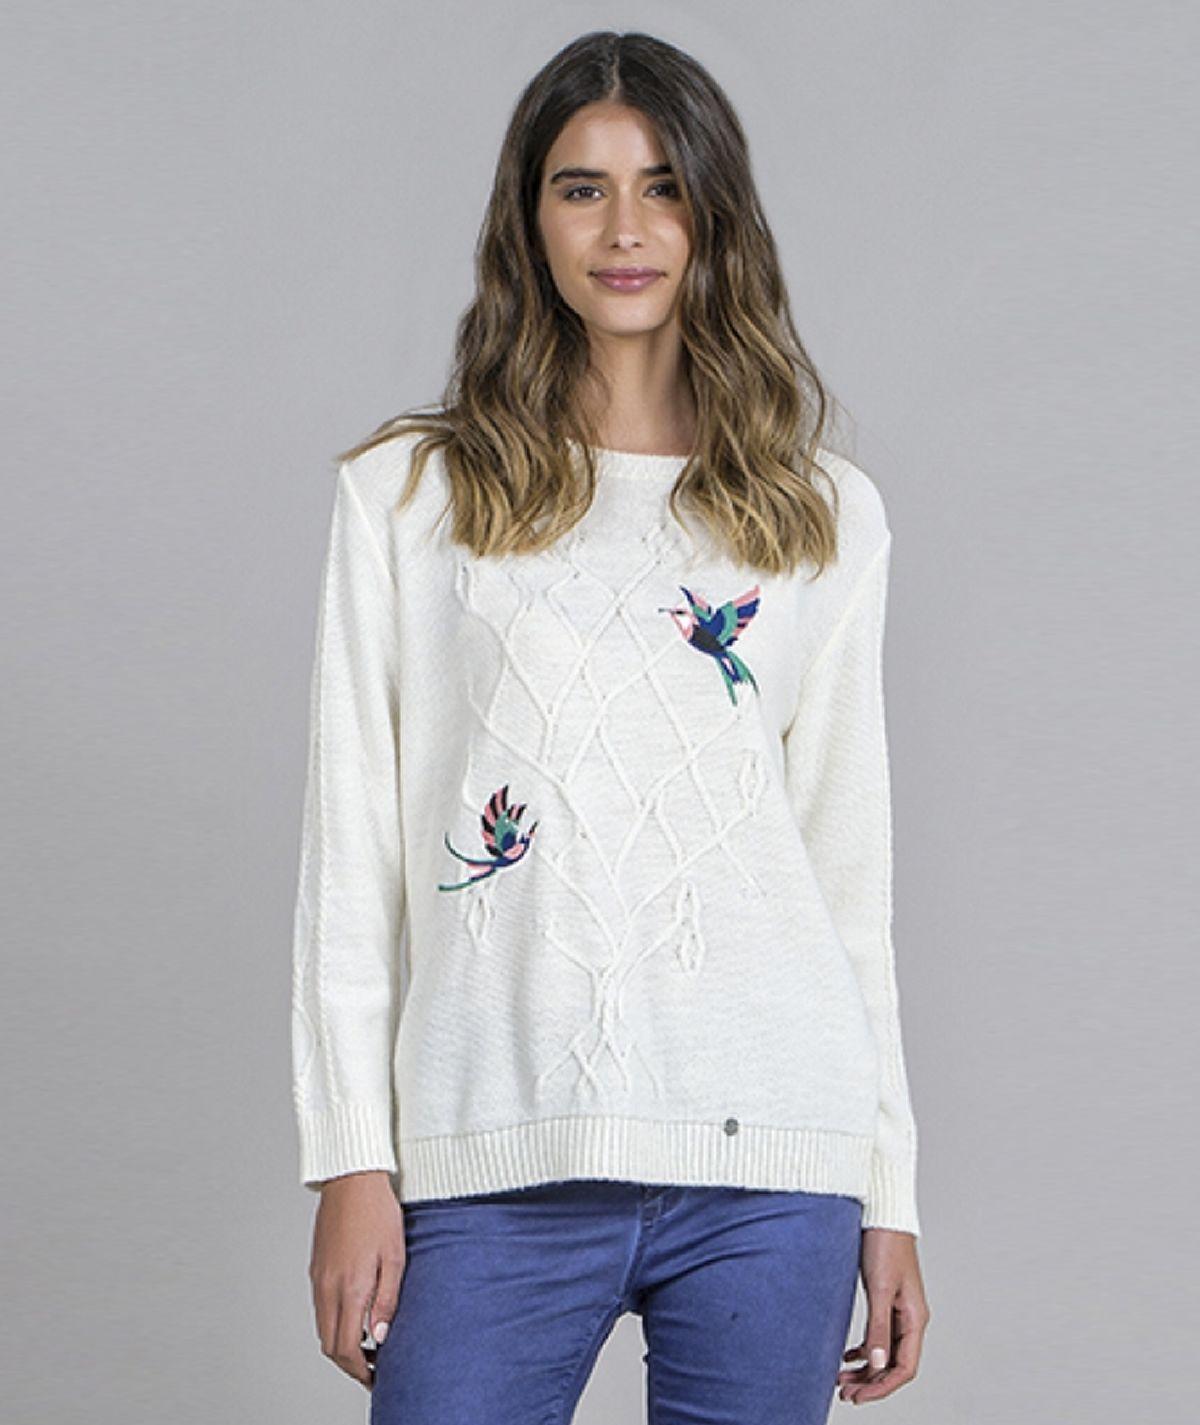 Camisola  bordado pássaros